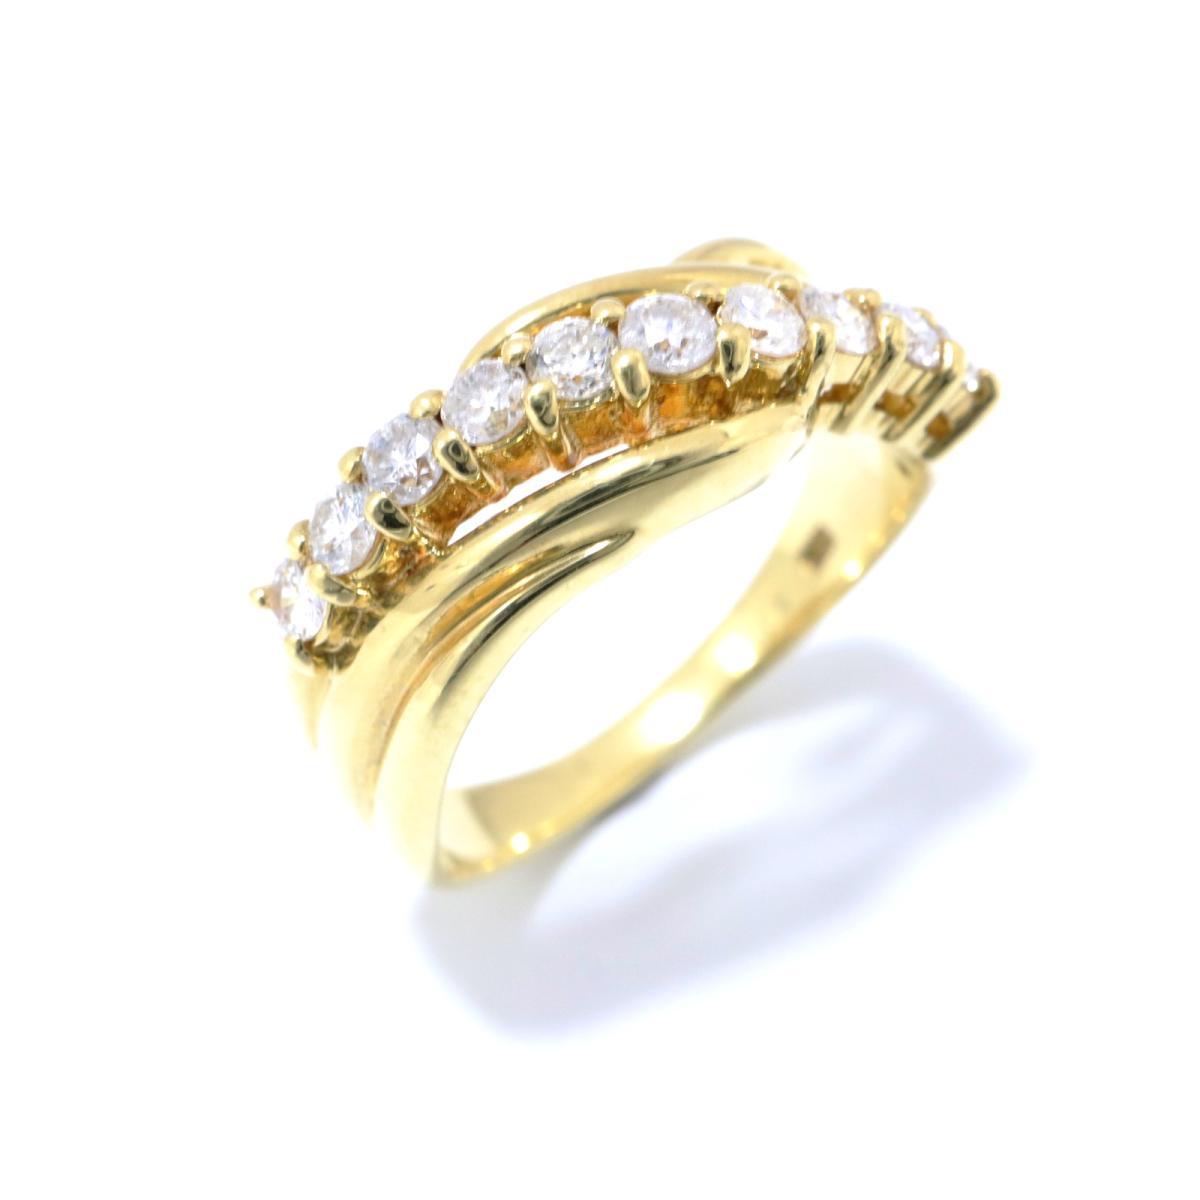 【中古】ジュエリー ダイヤモンド リング 指輪 レディース K18YG (750) イエローゴールド x (0.50ct) クリアー ゴールド | JEWELRY BRANDOFF ブランドオフ ブランド ジュエリー アクセサリー